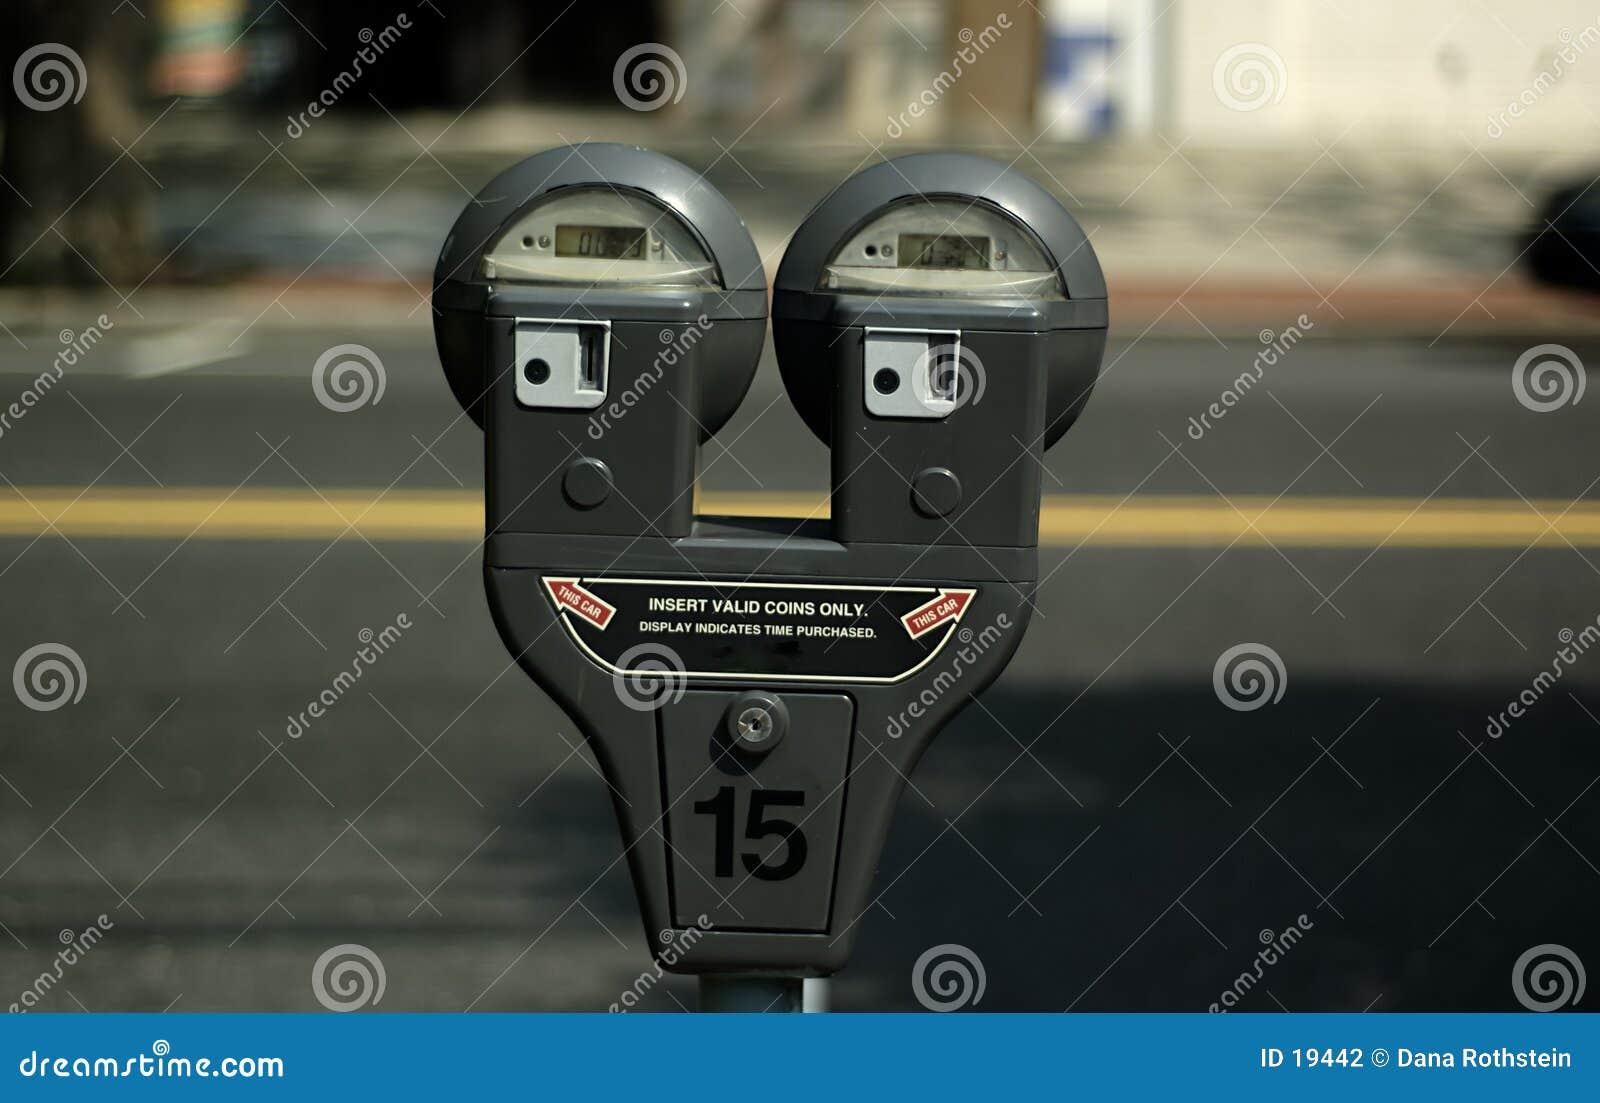 Medidor de estacionamento